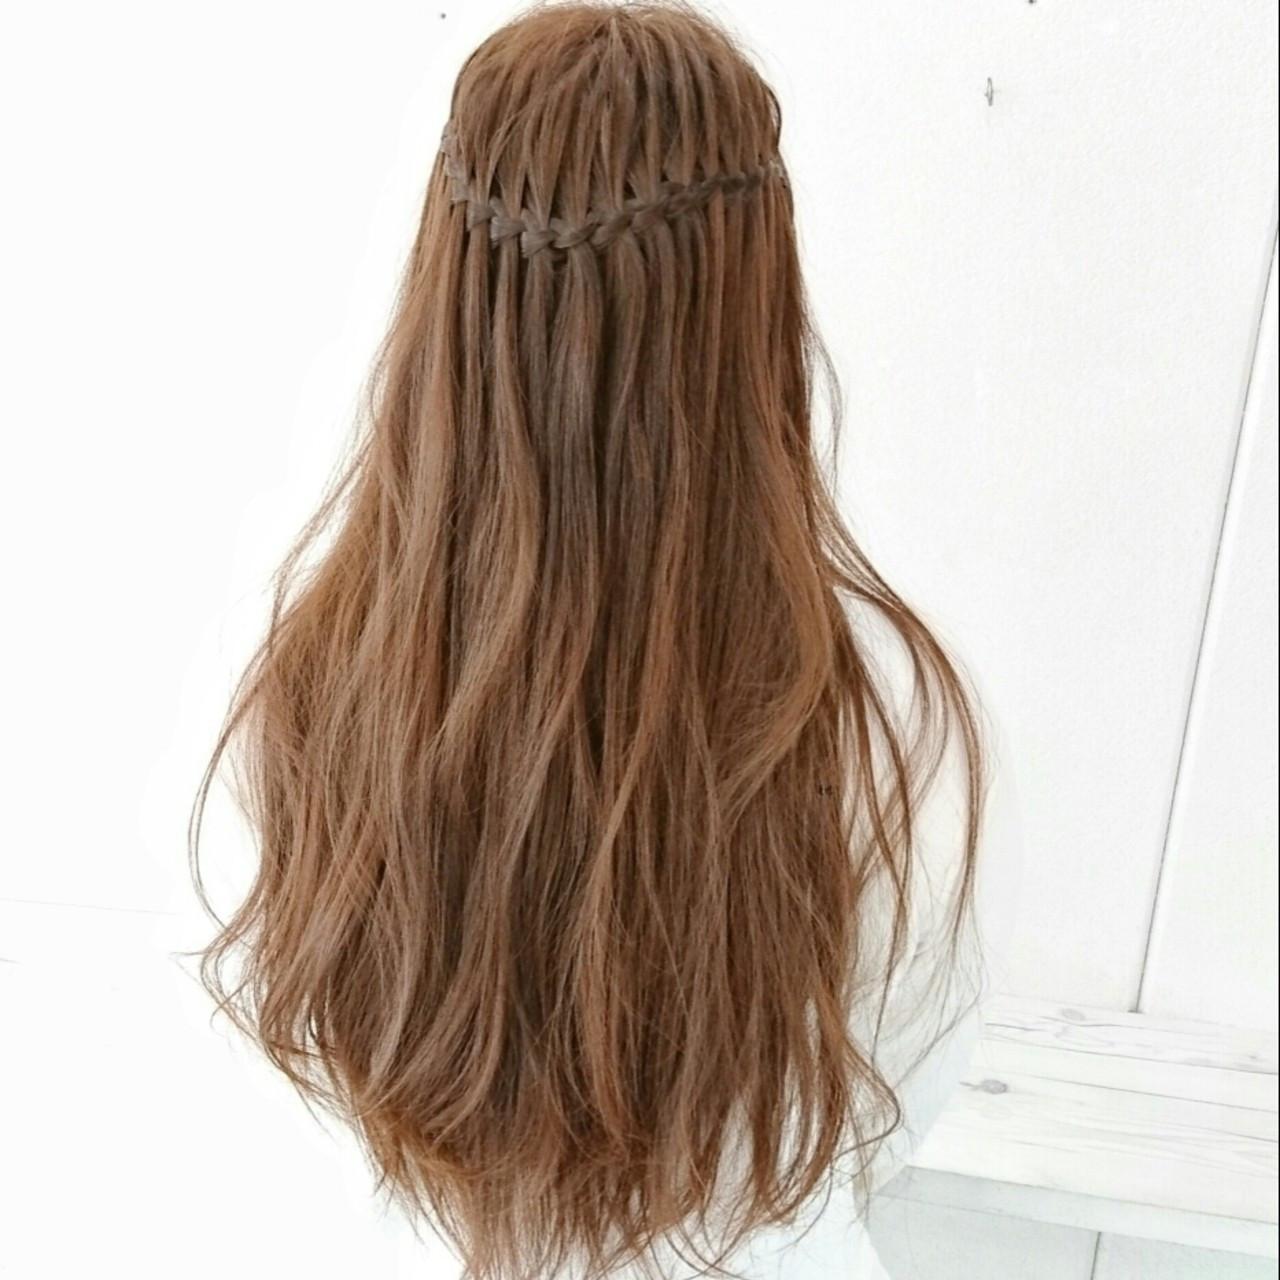 外国人風 ナチュラル 大人かわいい ウォーターフォール ヘアスタイルや髪型の写真・画像